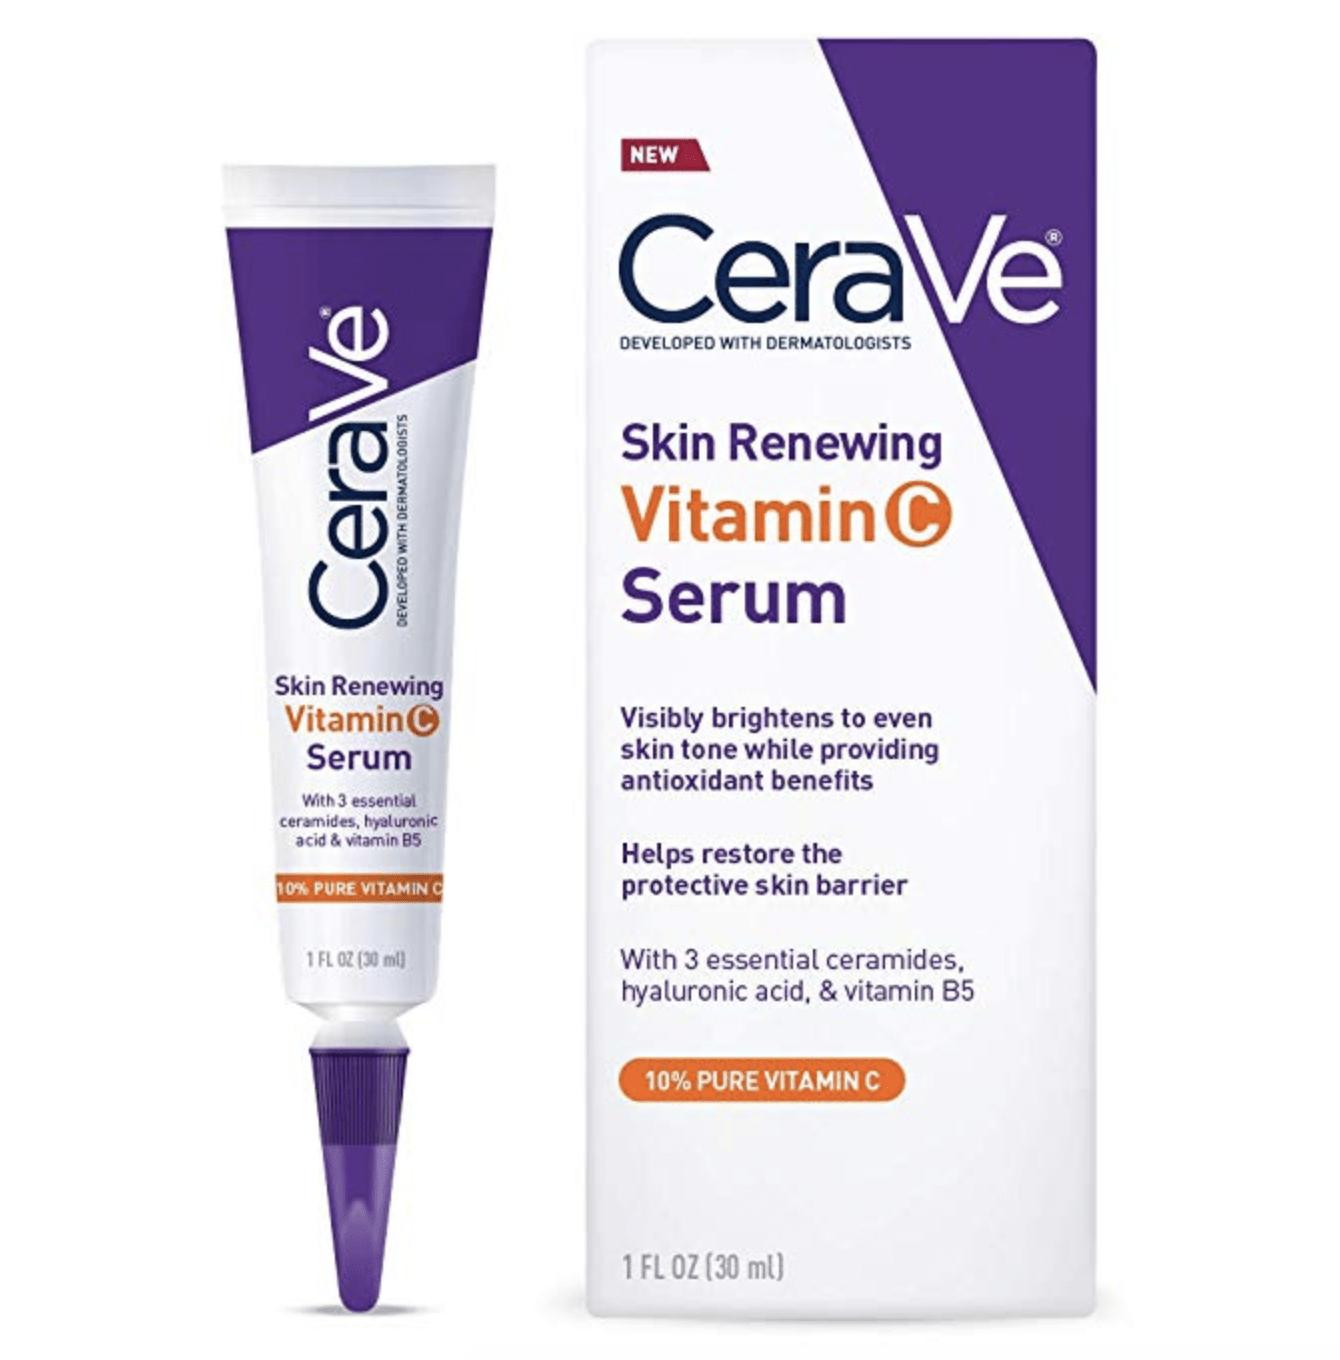 Sérum CeraVe Vitamine C